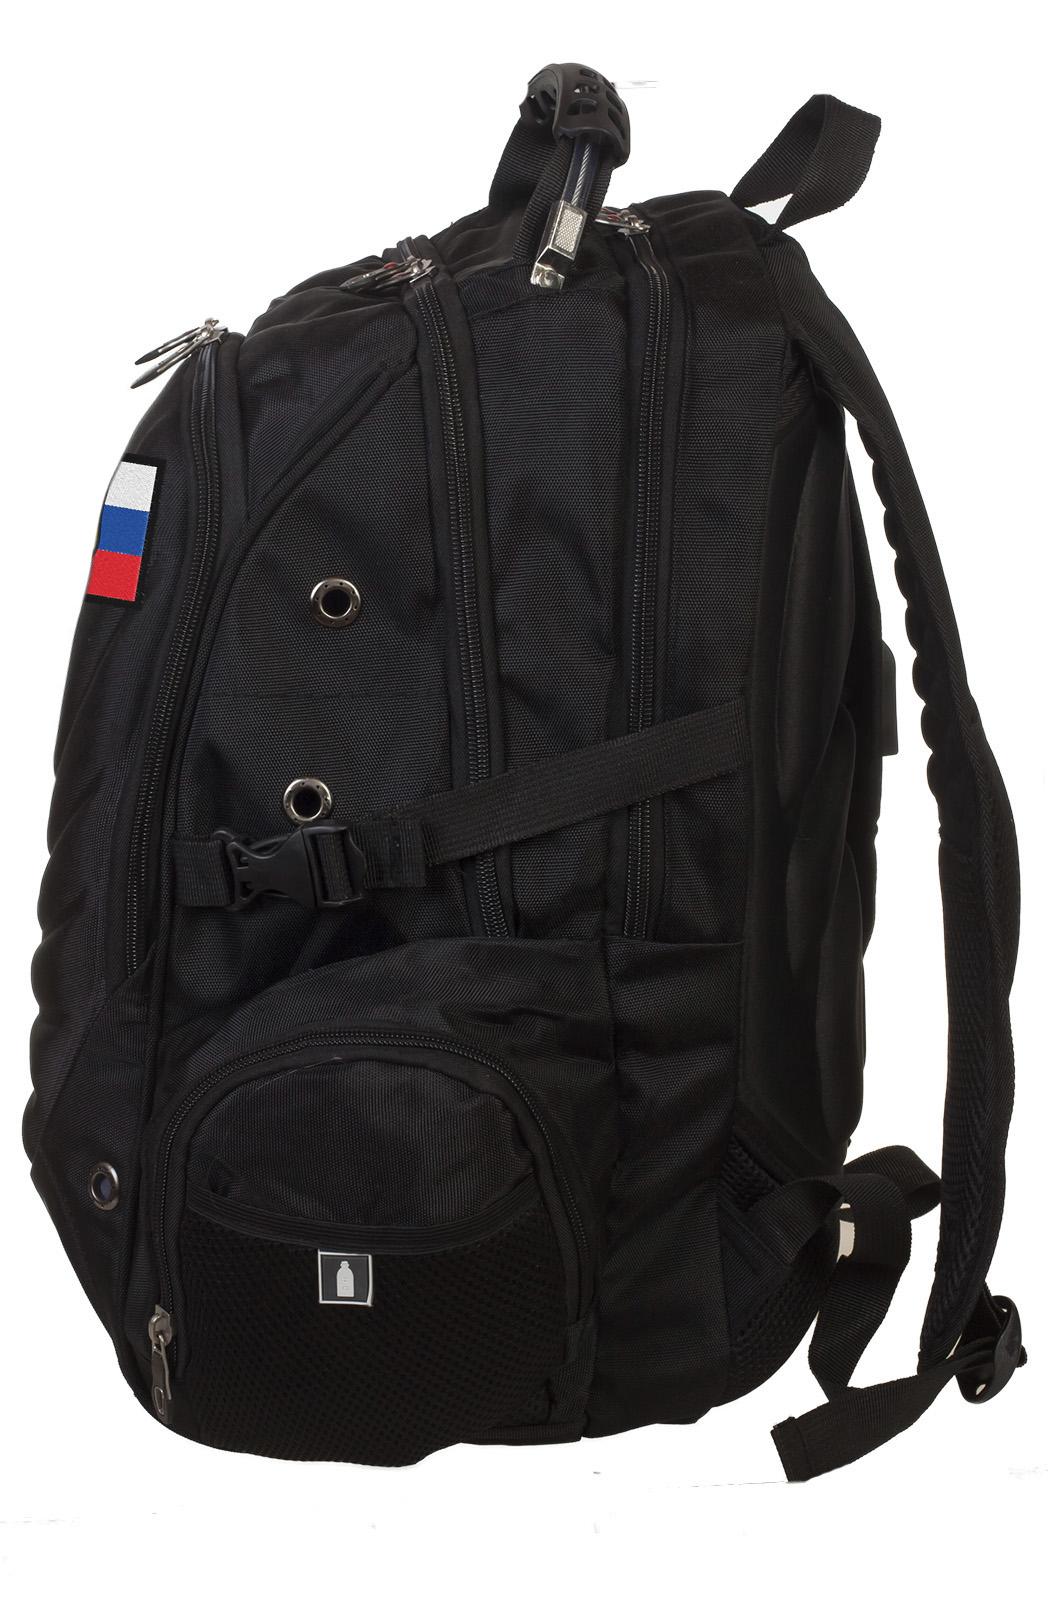 Удобный вместительный рюкзак с нашивкой ОМОН - купить в подарок